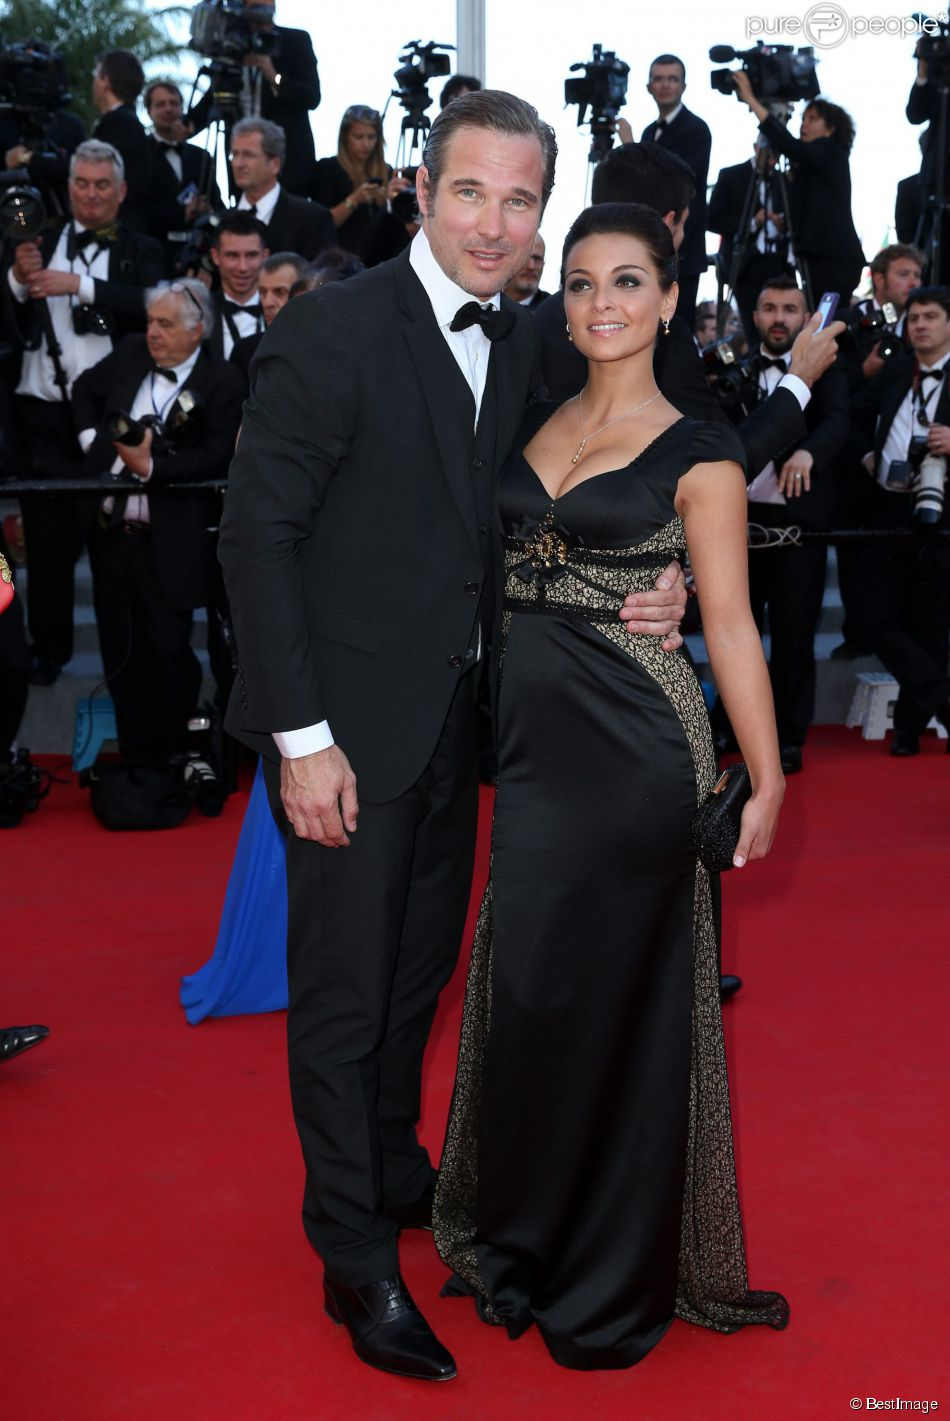 Priscilla Betti et un invité sur le tapis rouge du Festival de Cannes le 15 mai 2014